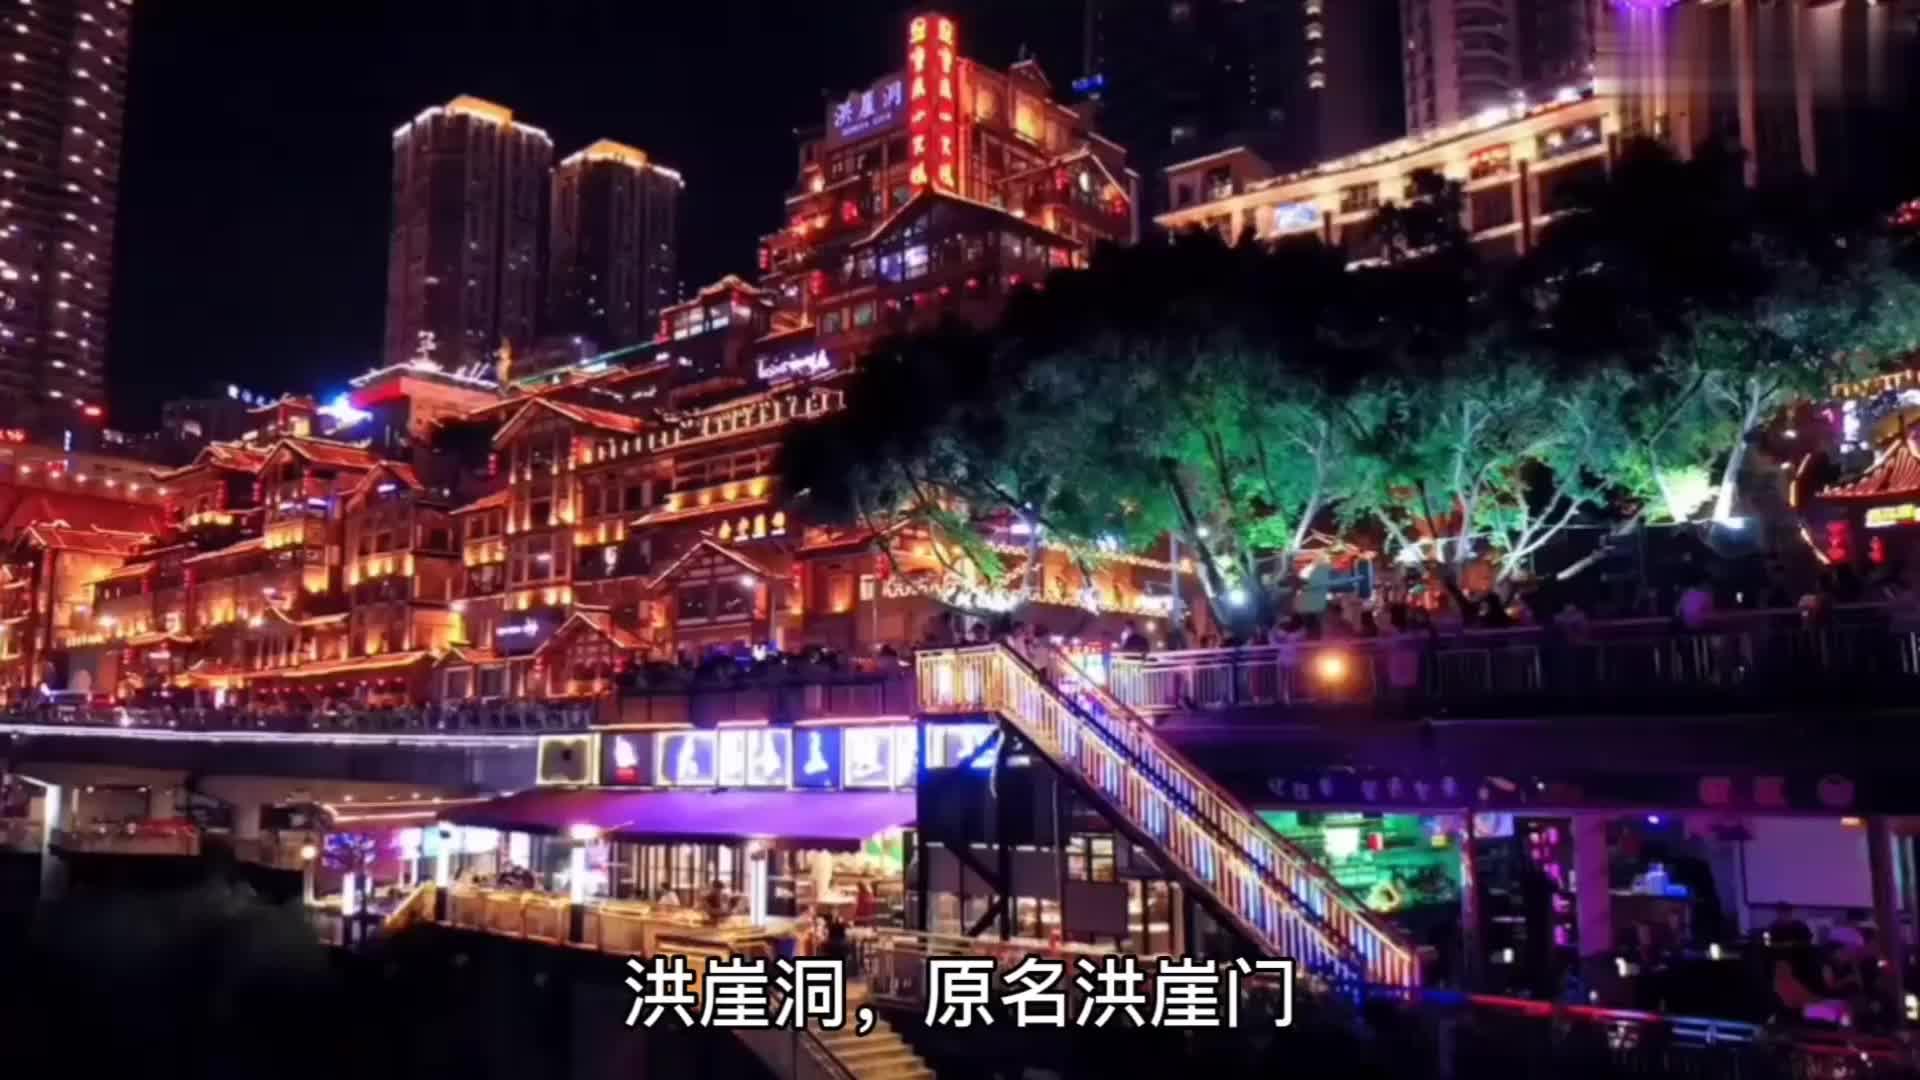 重庆洪崖洞,夜景真的很美,这里有您的故事吗